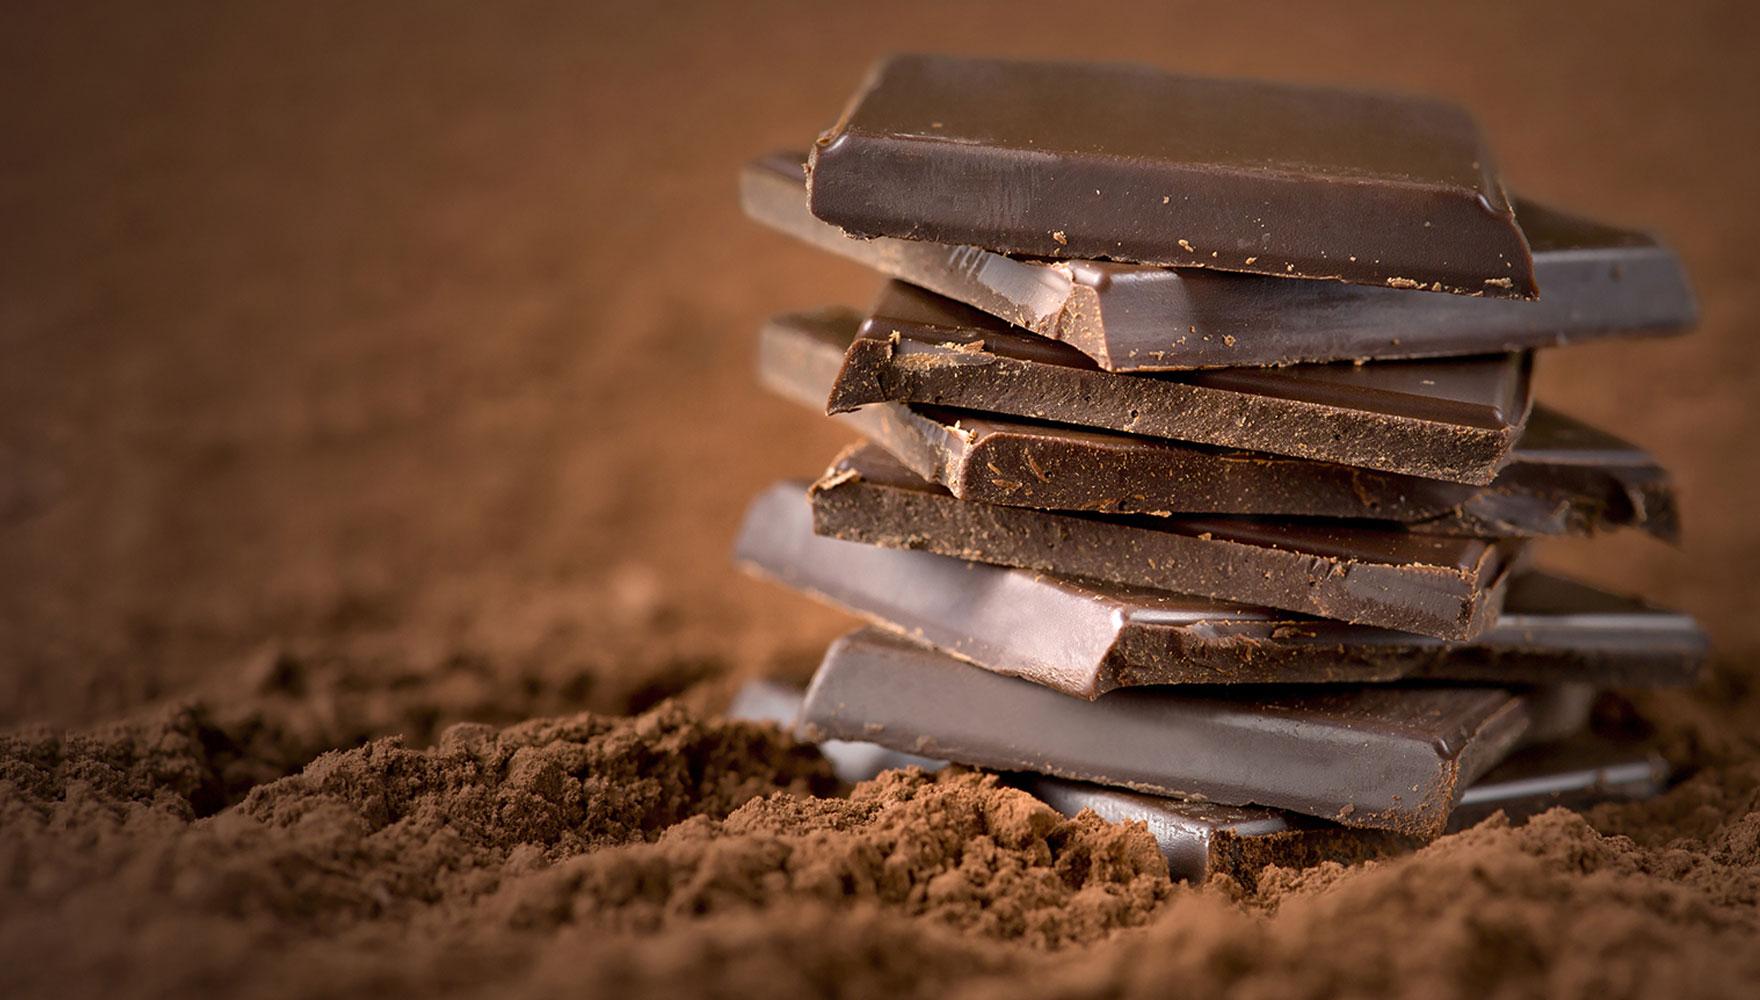 Chocolaterie Aire sur l'Adour, Gateau russe Aire sur l'Adour, Glace artisanale Aire sur l'Adour, Patisserie Aire sur l'Adour, Petit four pignonAire sur l'Adour, Pignon Aire sur l'Adour